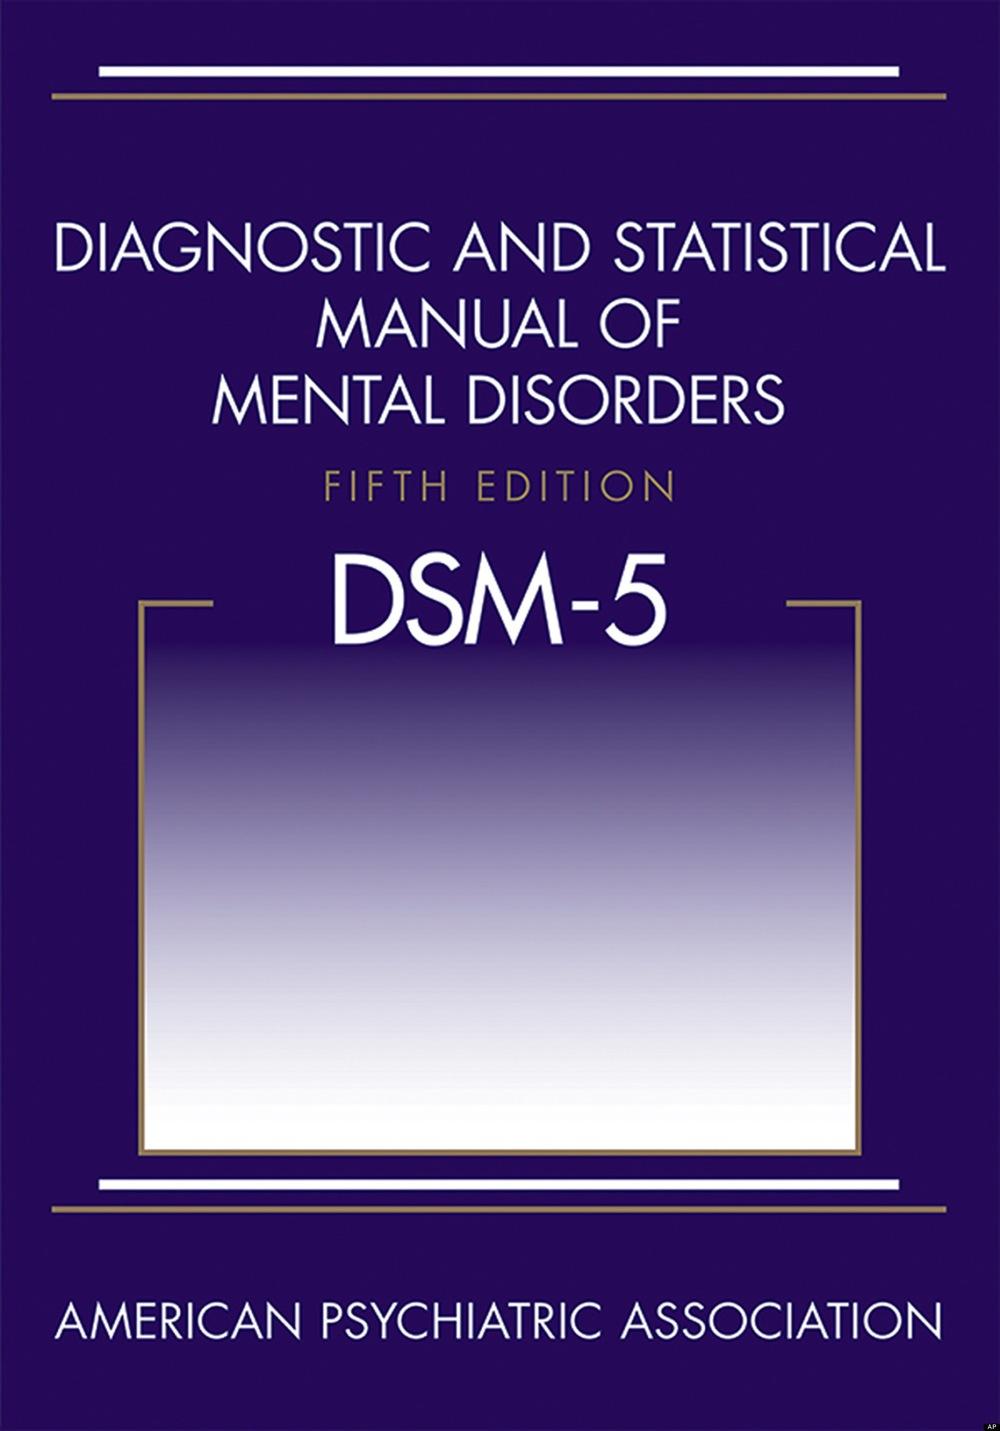 Kjøp  DSM-5 (2013) hos Studia .